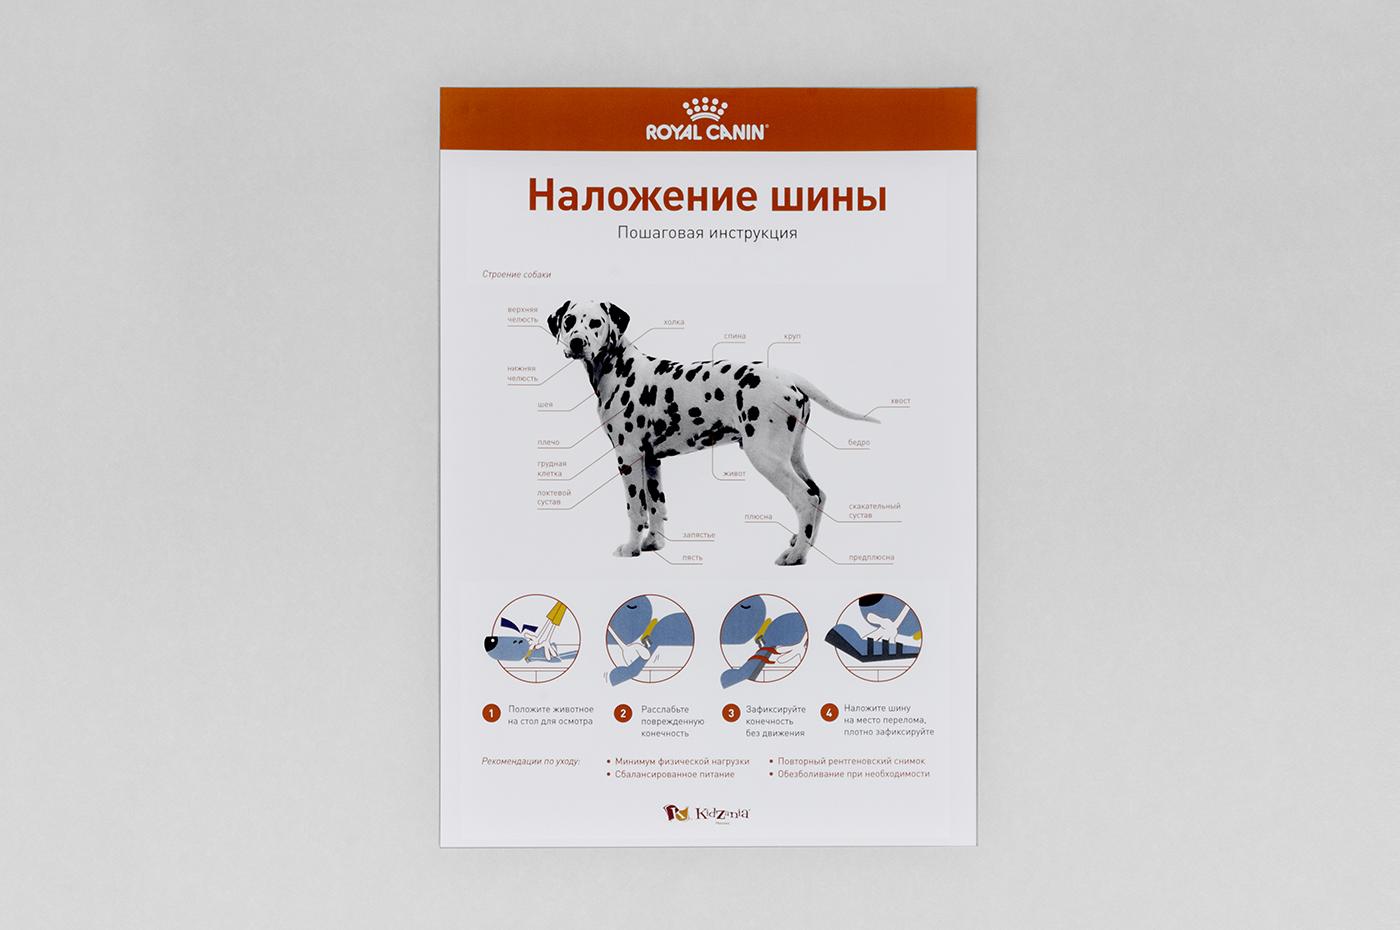 jbn_canin_poster-1.jpg